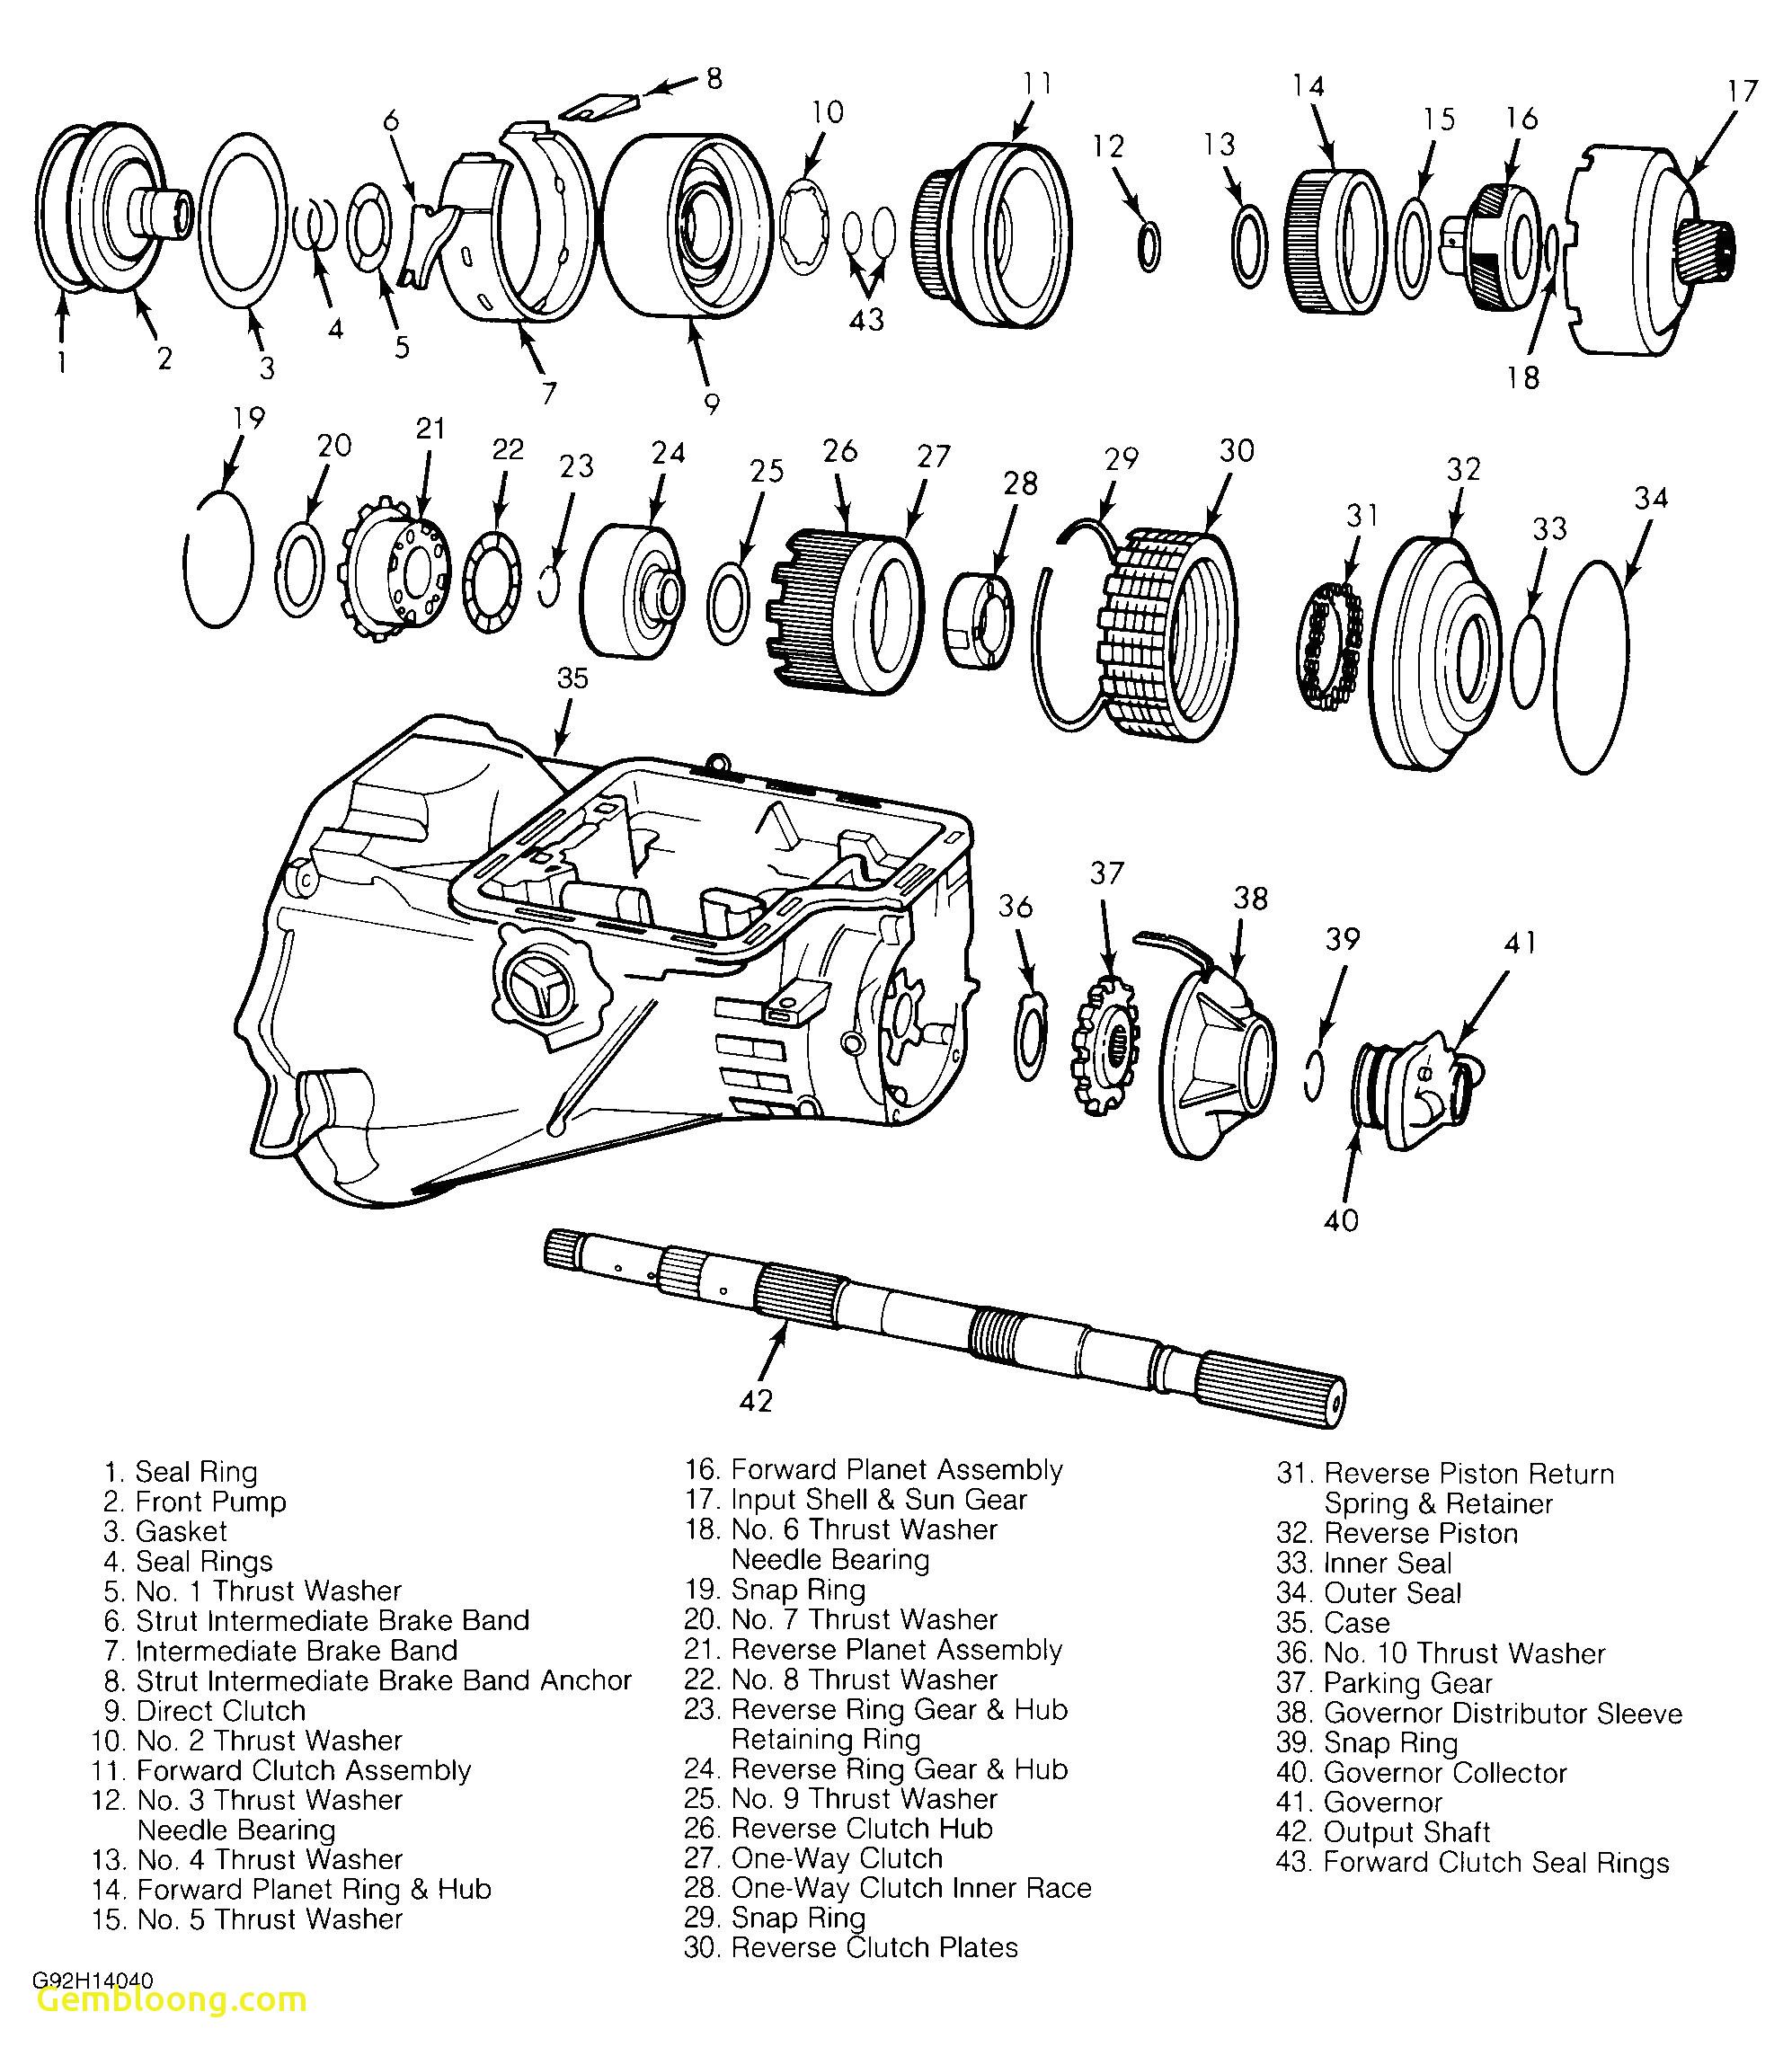 4r100 trans diagram blog wiring diagram 4r100 transmission schematic 4r100 trans diagram data schematic diagram 4r100